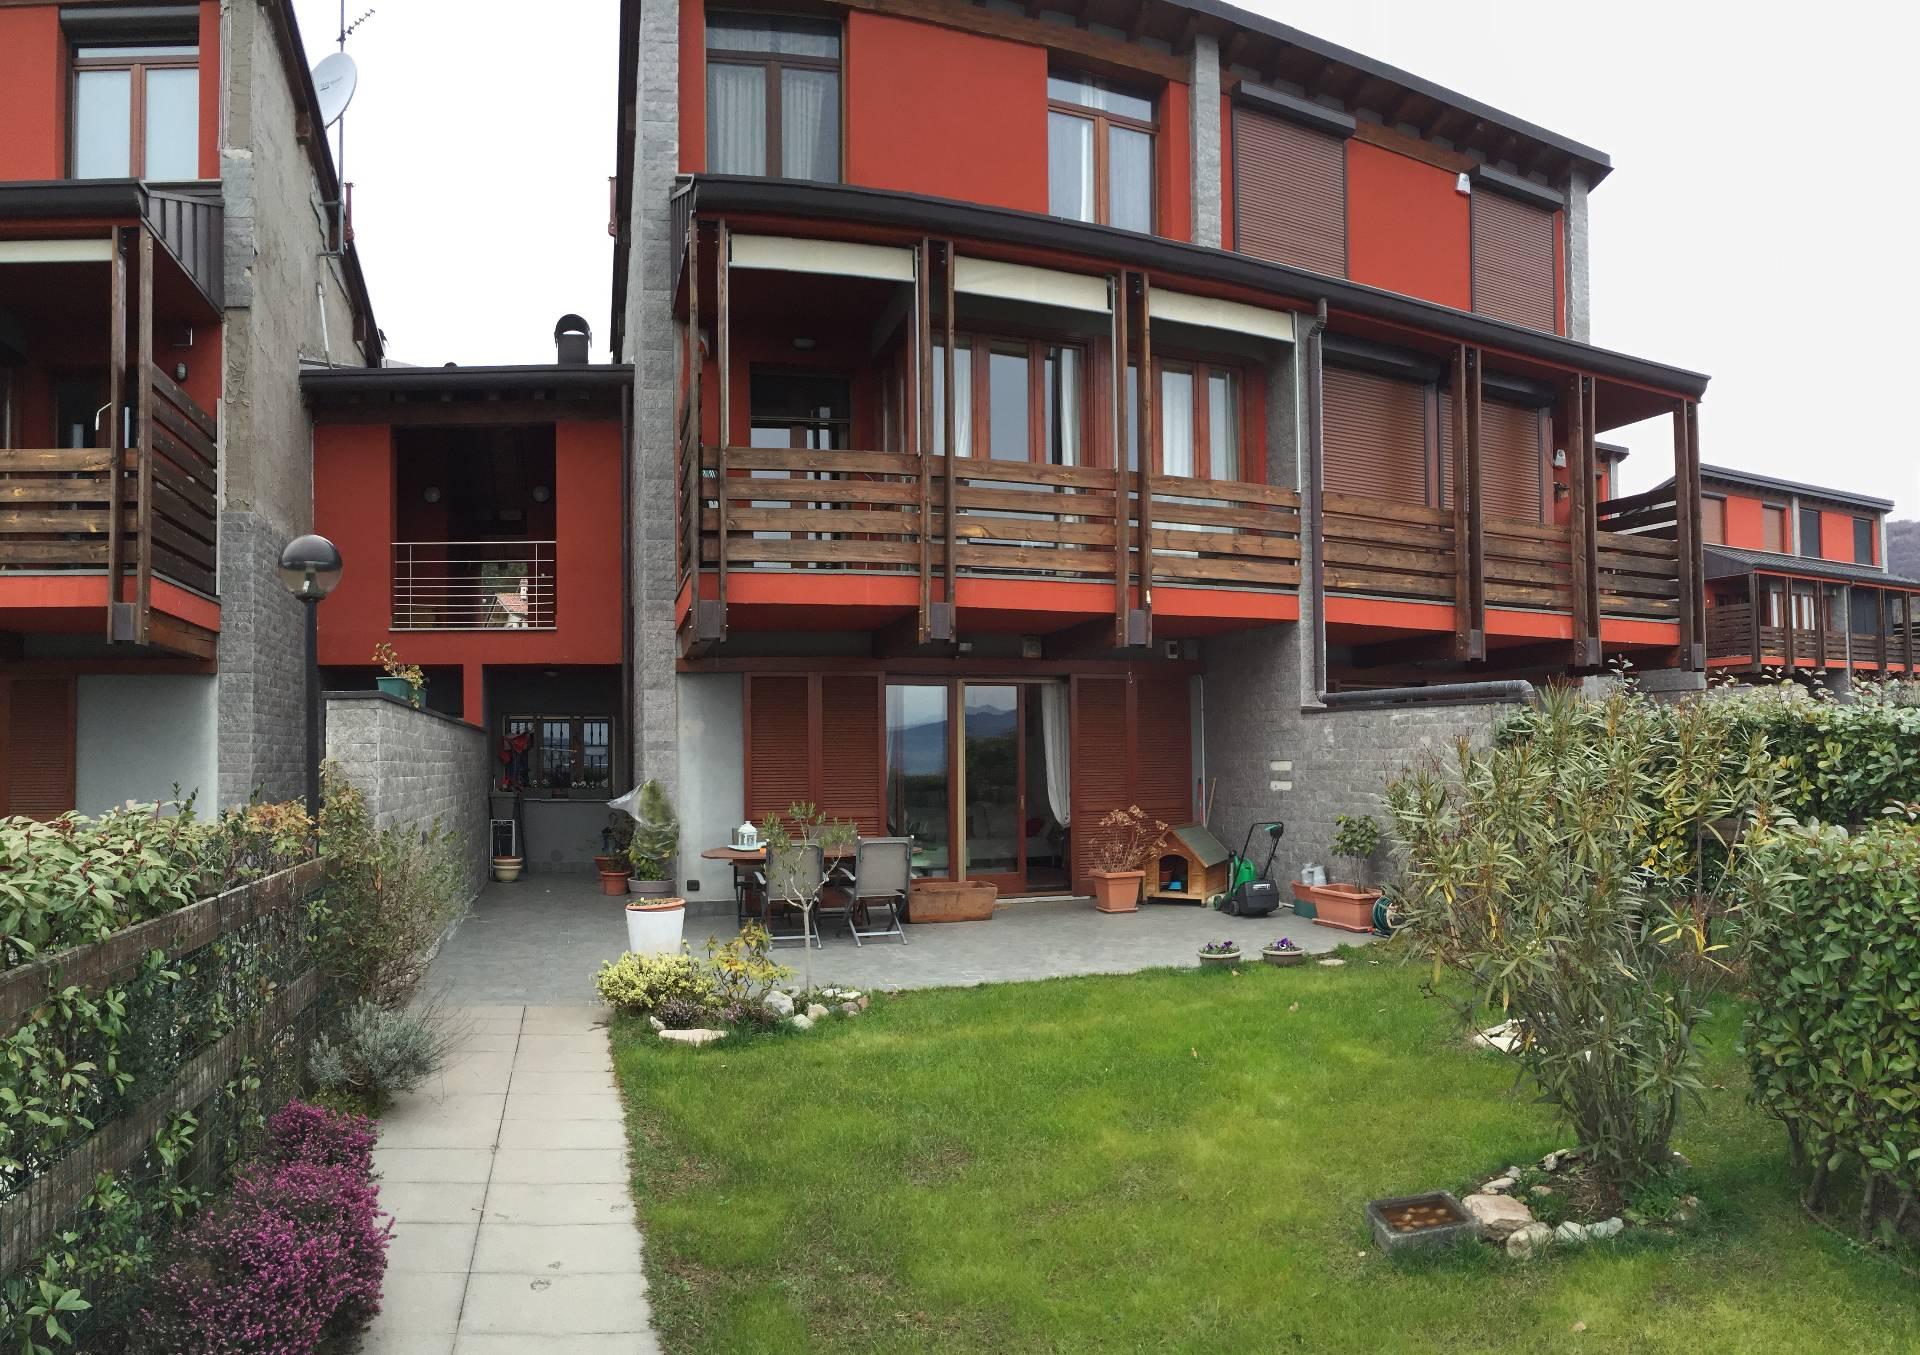 Case e appartamenti in vendita a Eupilio  Cambiocasait